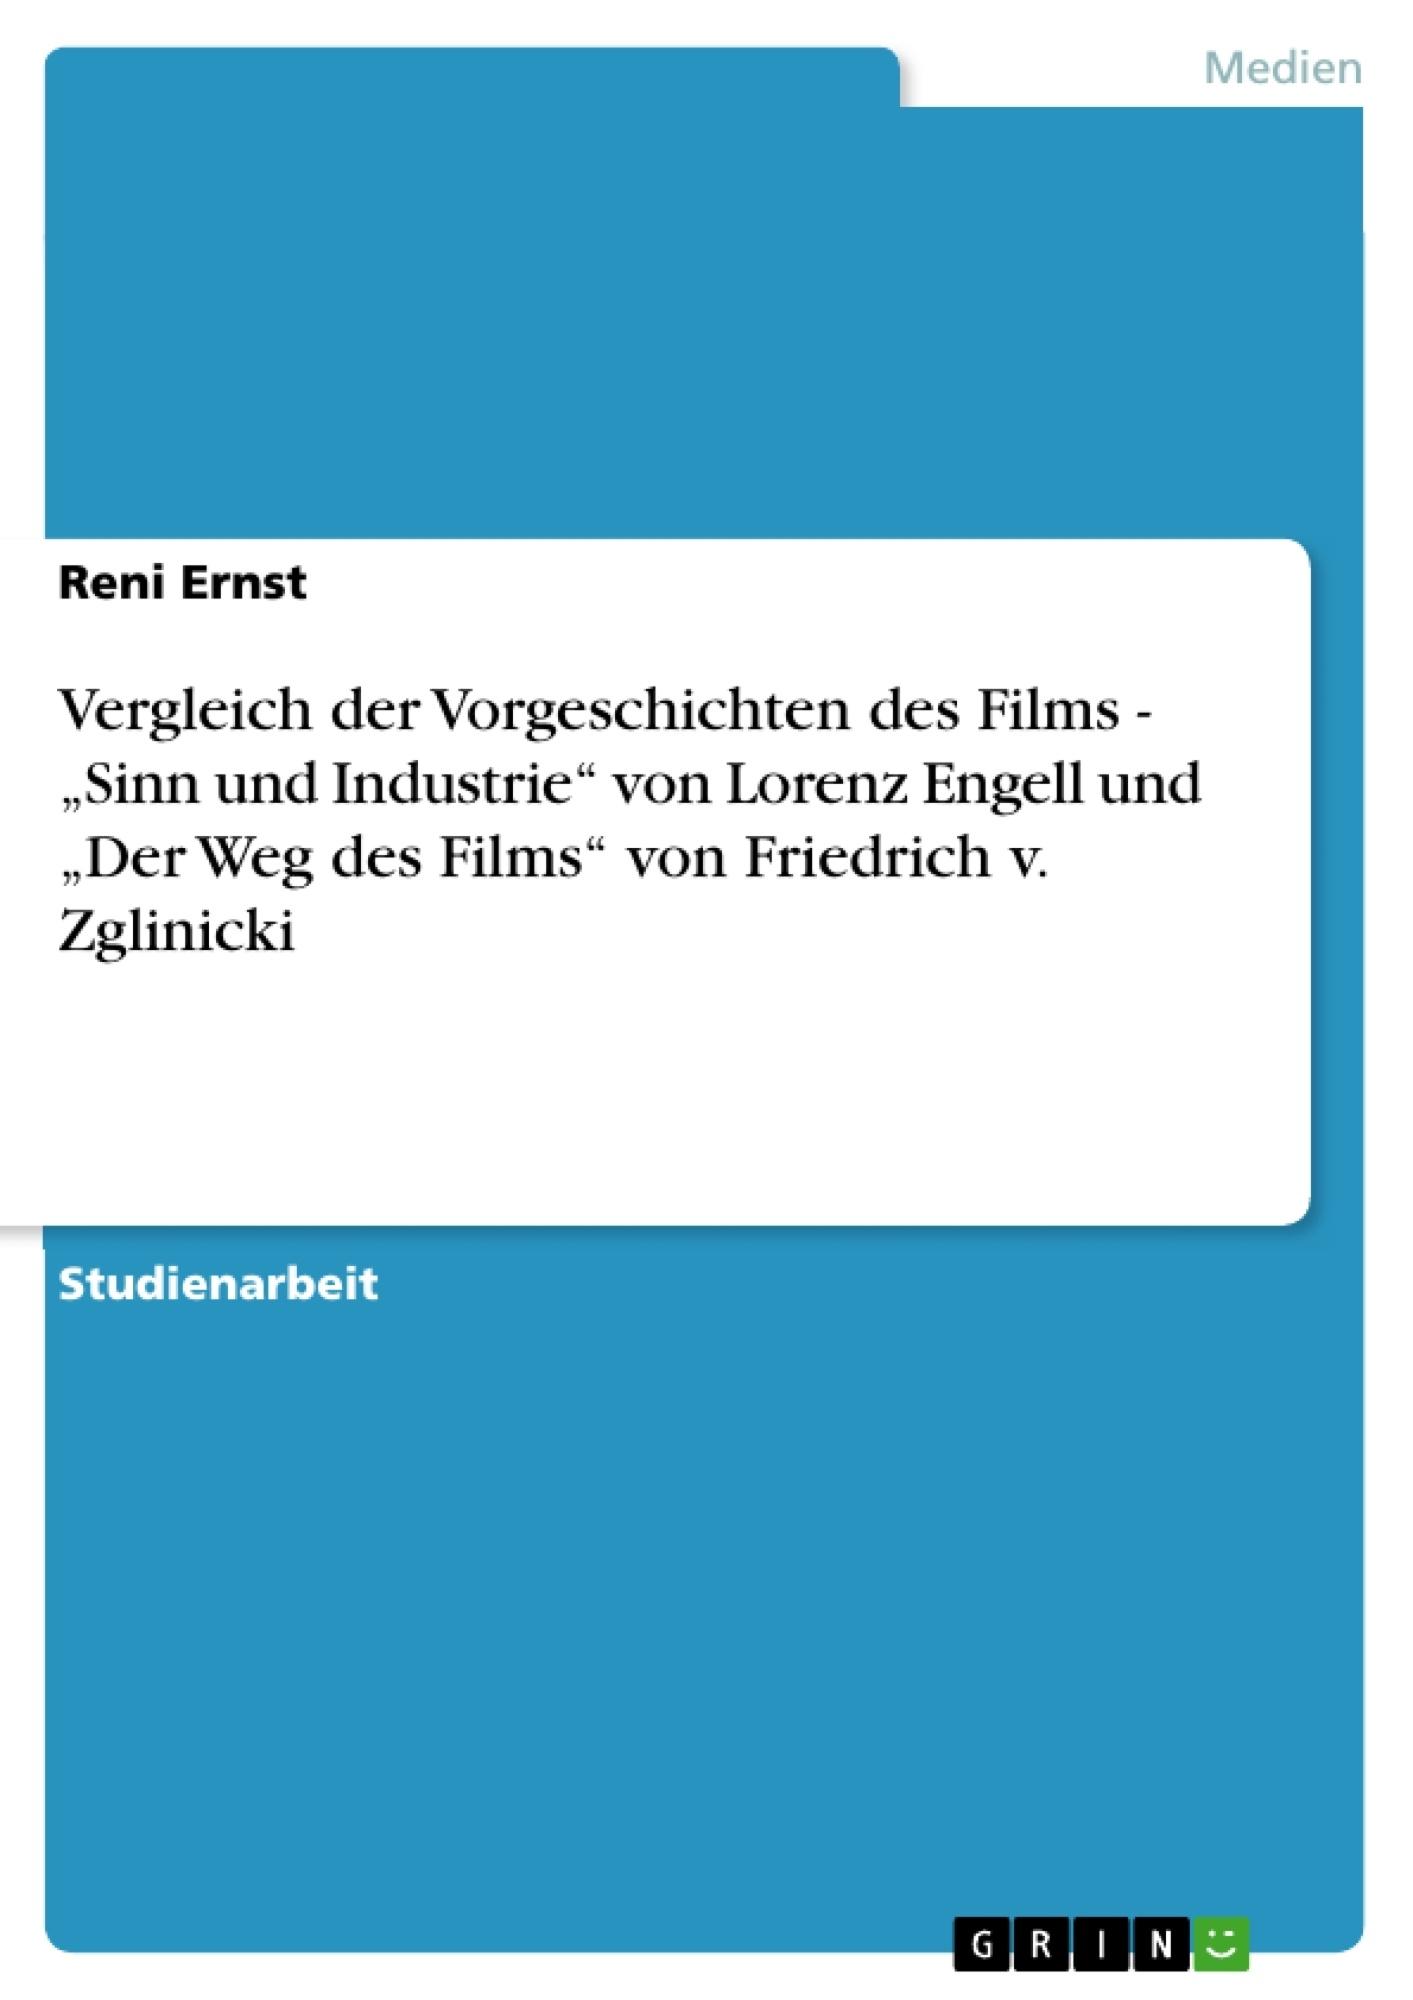 """Titel: Vergleich der Vorgeschichten des Films  - """"Sinn und Industrie"""" von Lorenz Engell und """"Der Weg des Films"""" von Friedrich v. Zglinicki"""